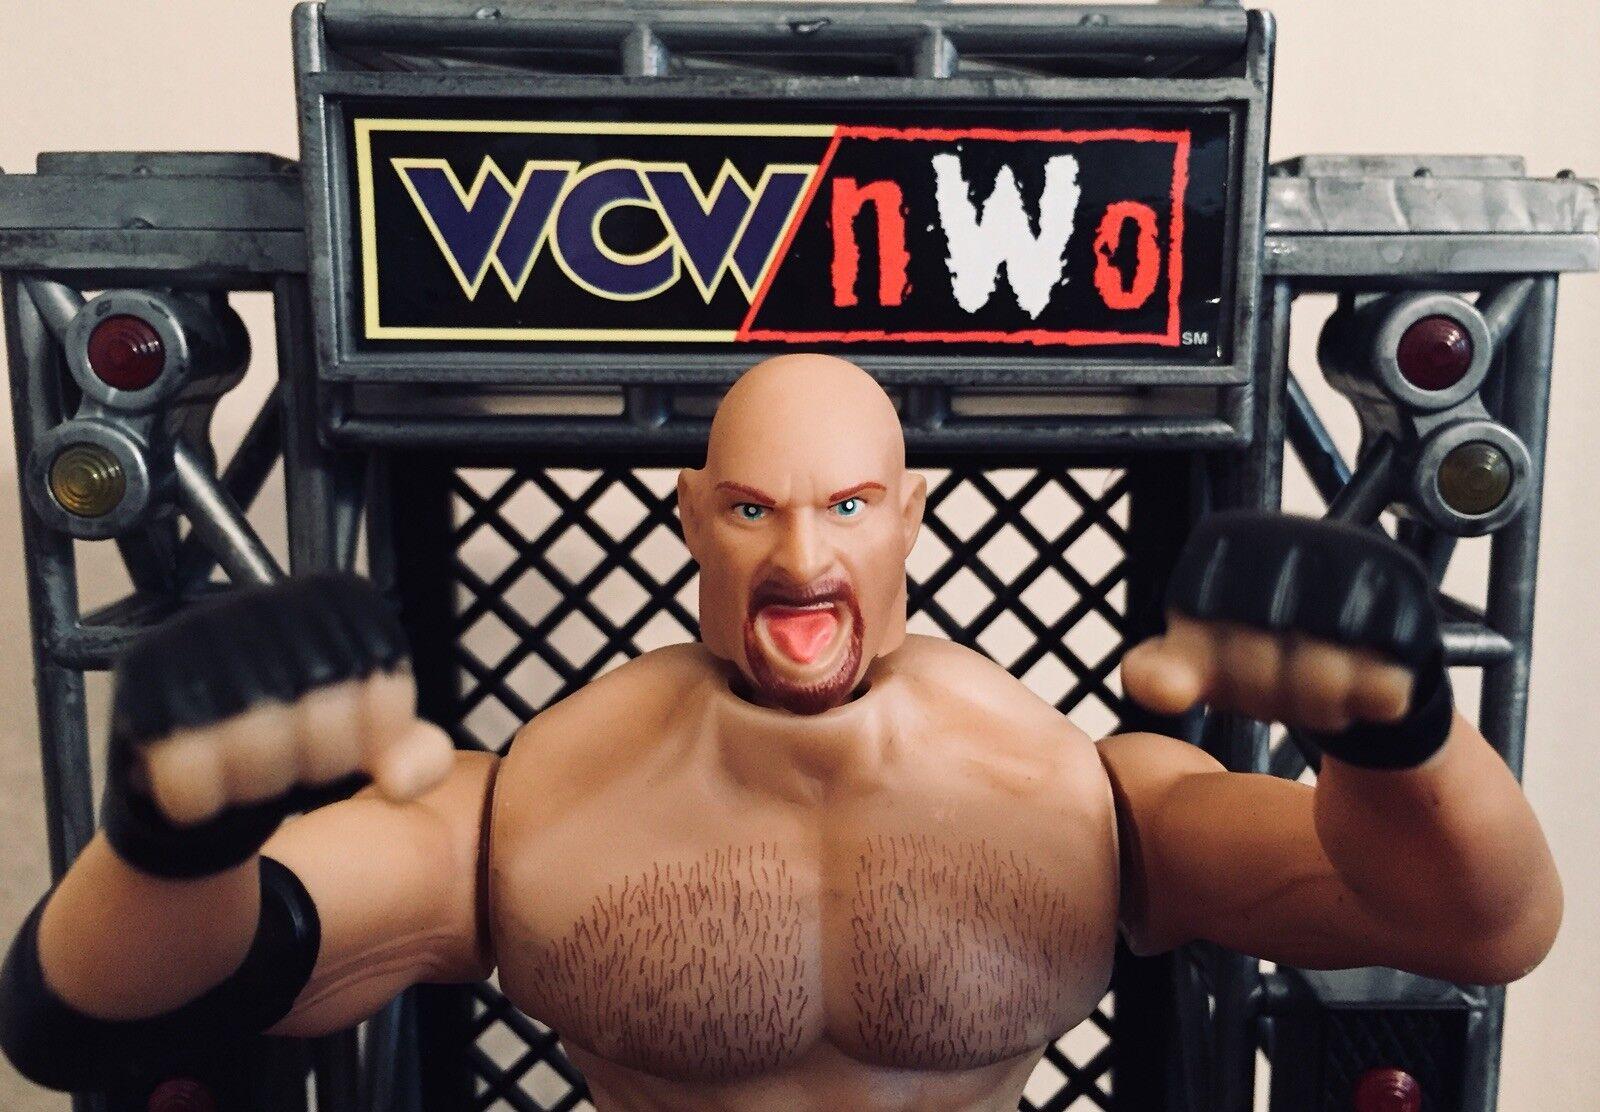 Bill goldberg 1999 Electronic Talking Rumble 'N Roar Wrestler WCW NWO WWE WWF